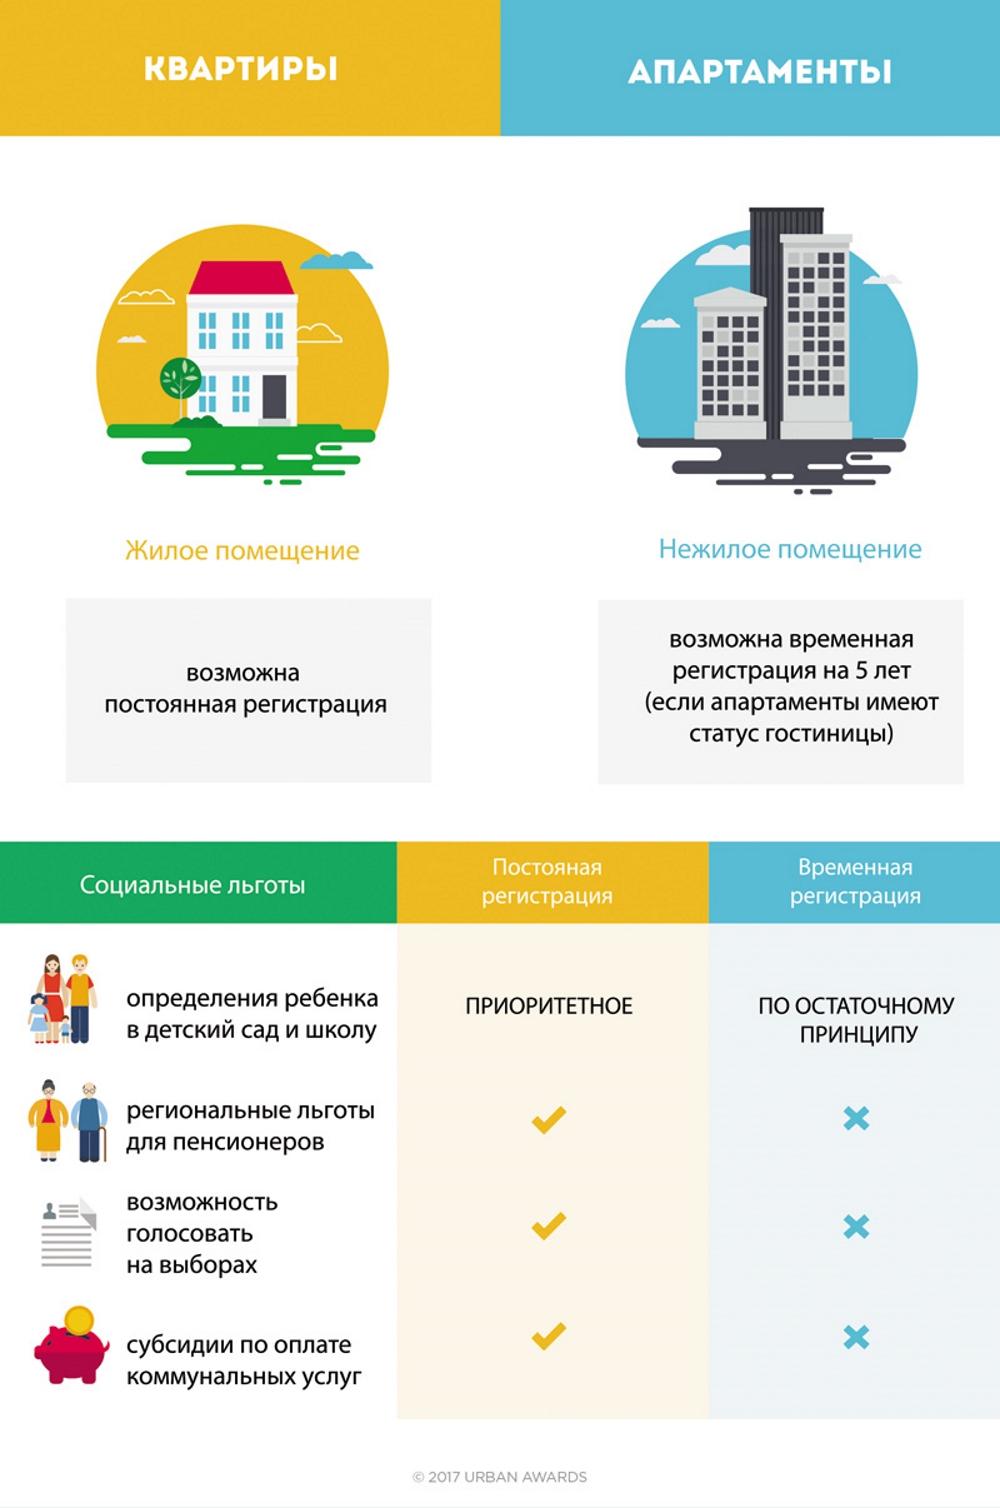 Отличия квартир и апартаментов